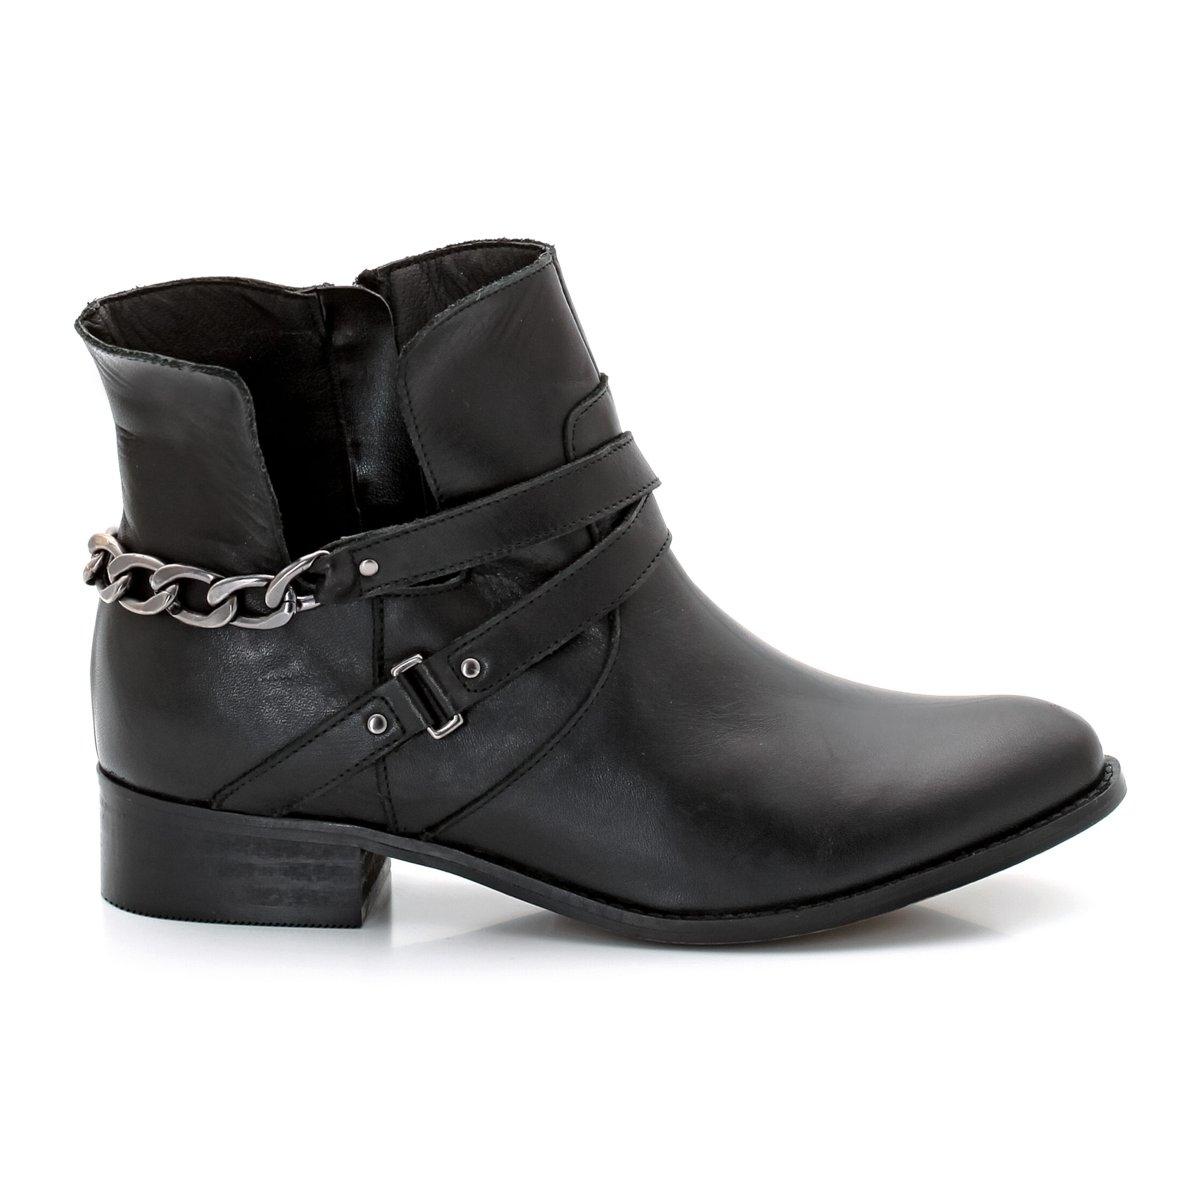 Ботинки кожаныеПодошва: эластомер. Высота каблука:  2.5 см. Застежка:  молния сбоку. Их +: застежка сбоку и ремешки и цепочки сзади.<br><br>Цвет: черный<br>Размер: 41